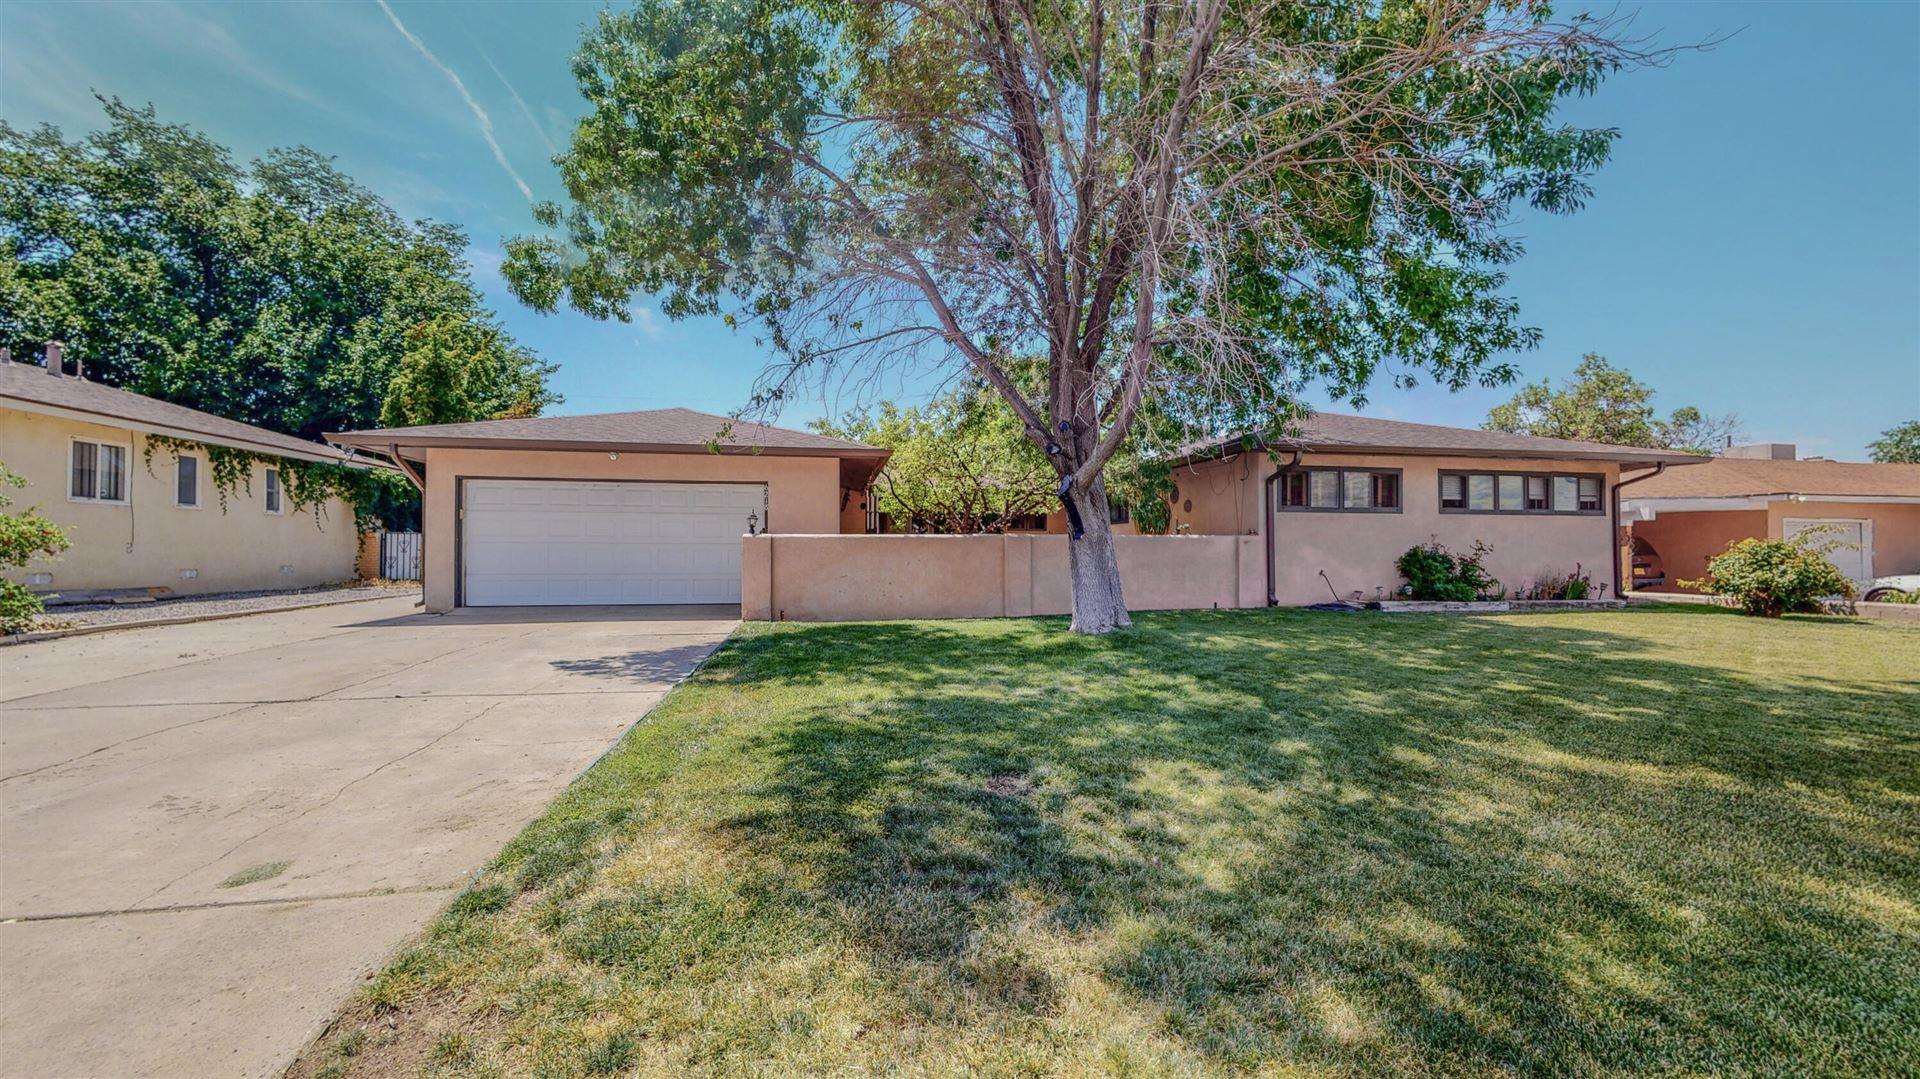 6218 MOSSMAN Place NE, Albuquerque, NM 87110 - #: 994200